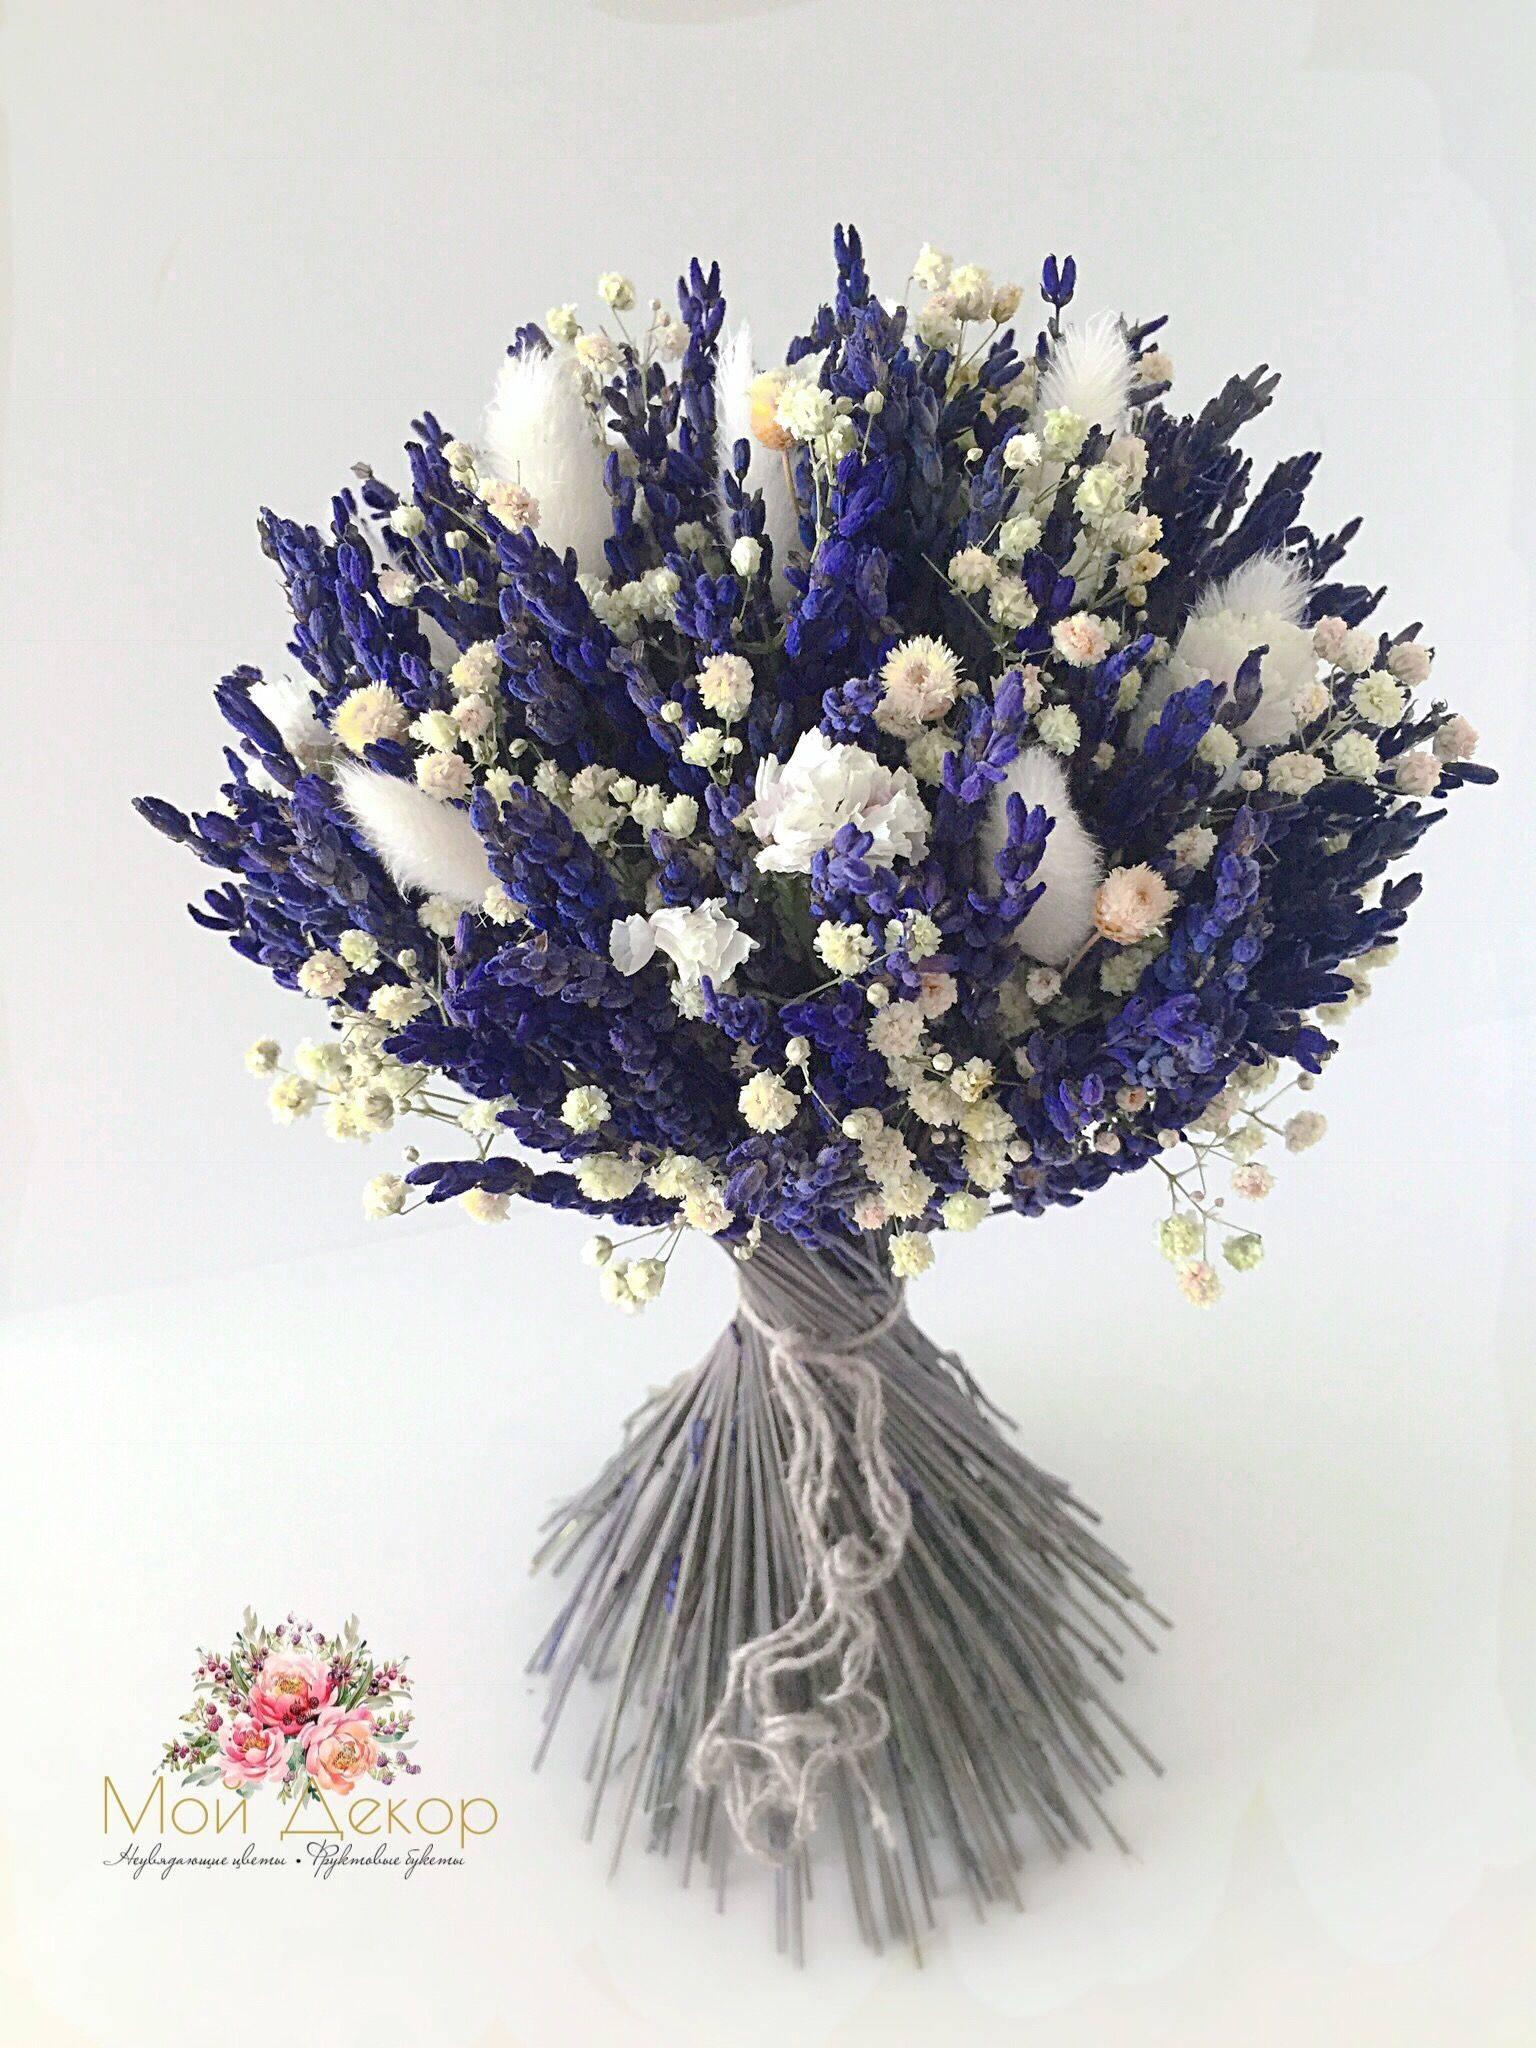 Нежный букет невесты: подбор цветов, идеи лучших сочетаний, фото